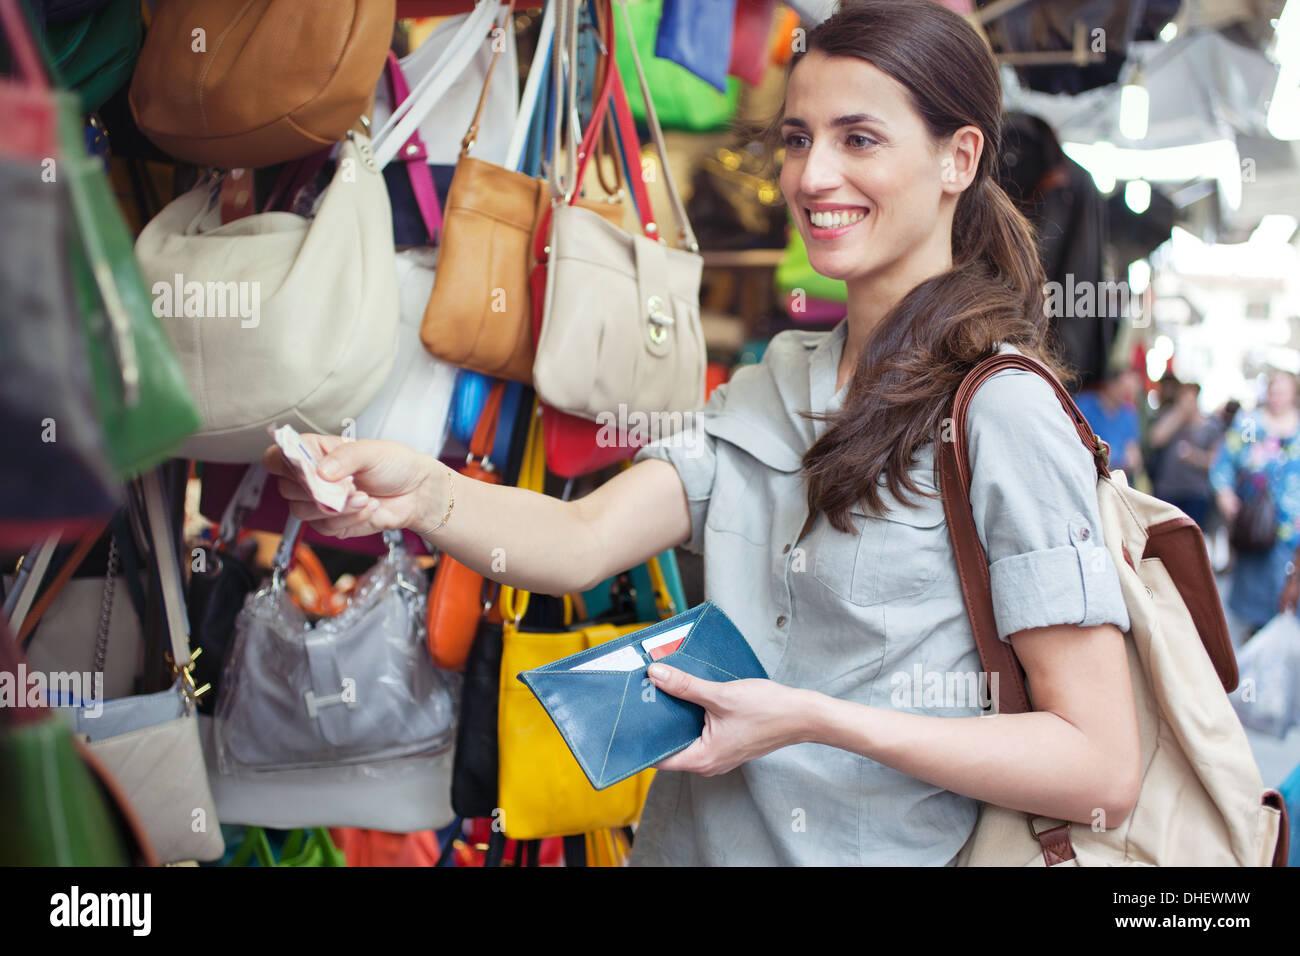 Giovane donna acquisto borsetta, il mercato di San Lorenzo, Firenze, Toscana, Italia Immagini Stock